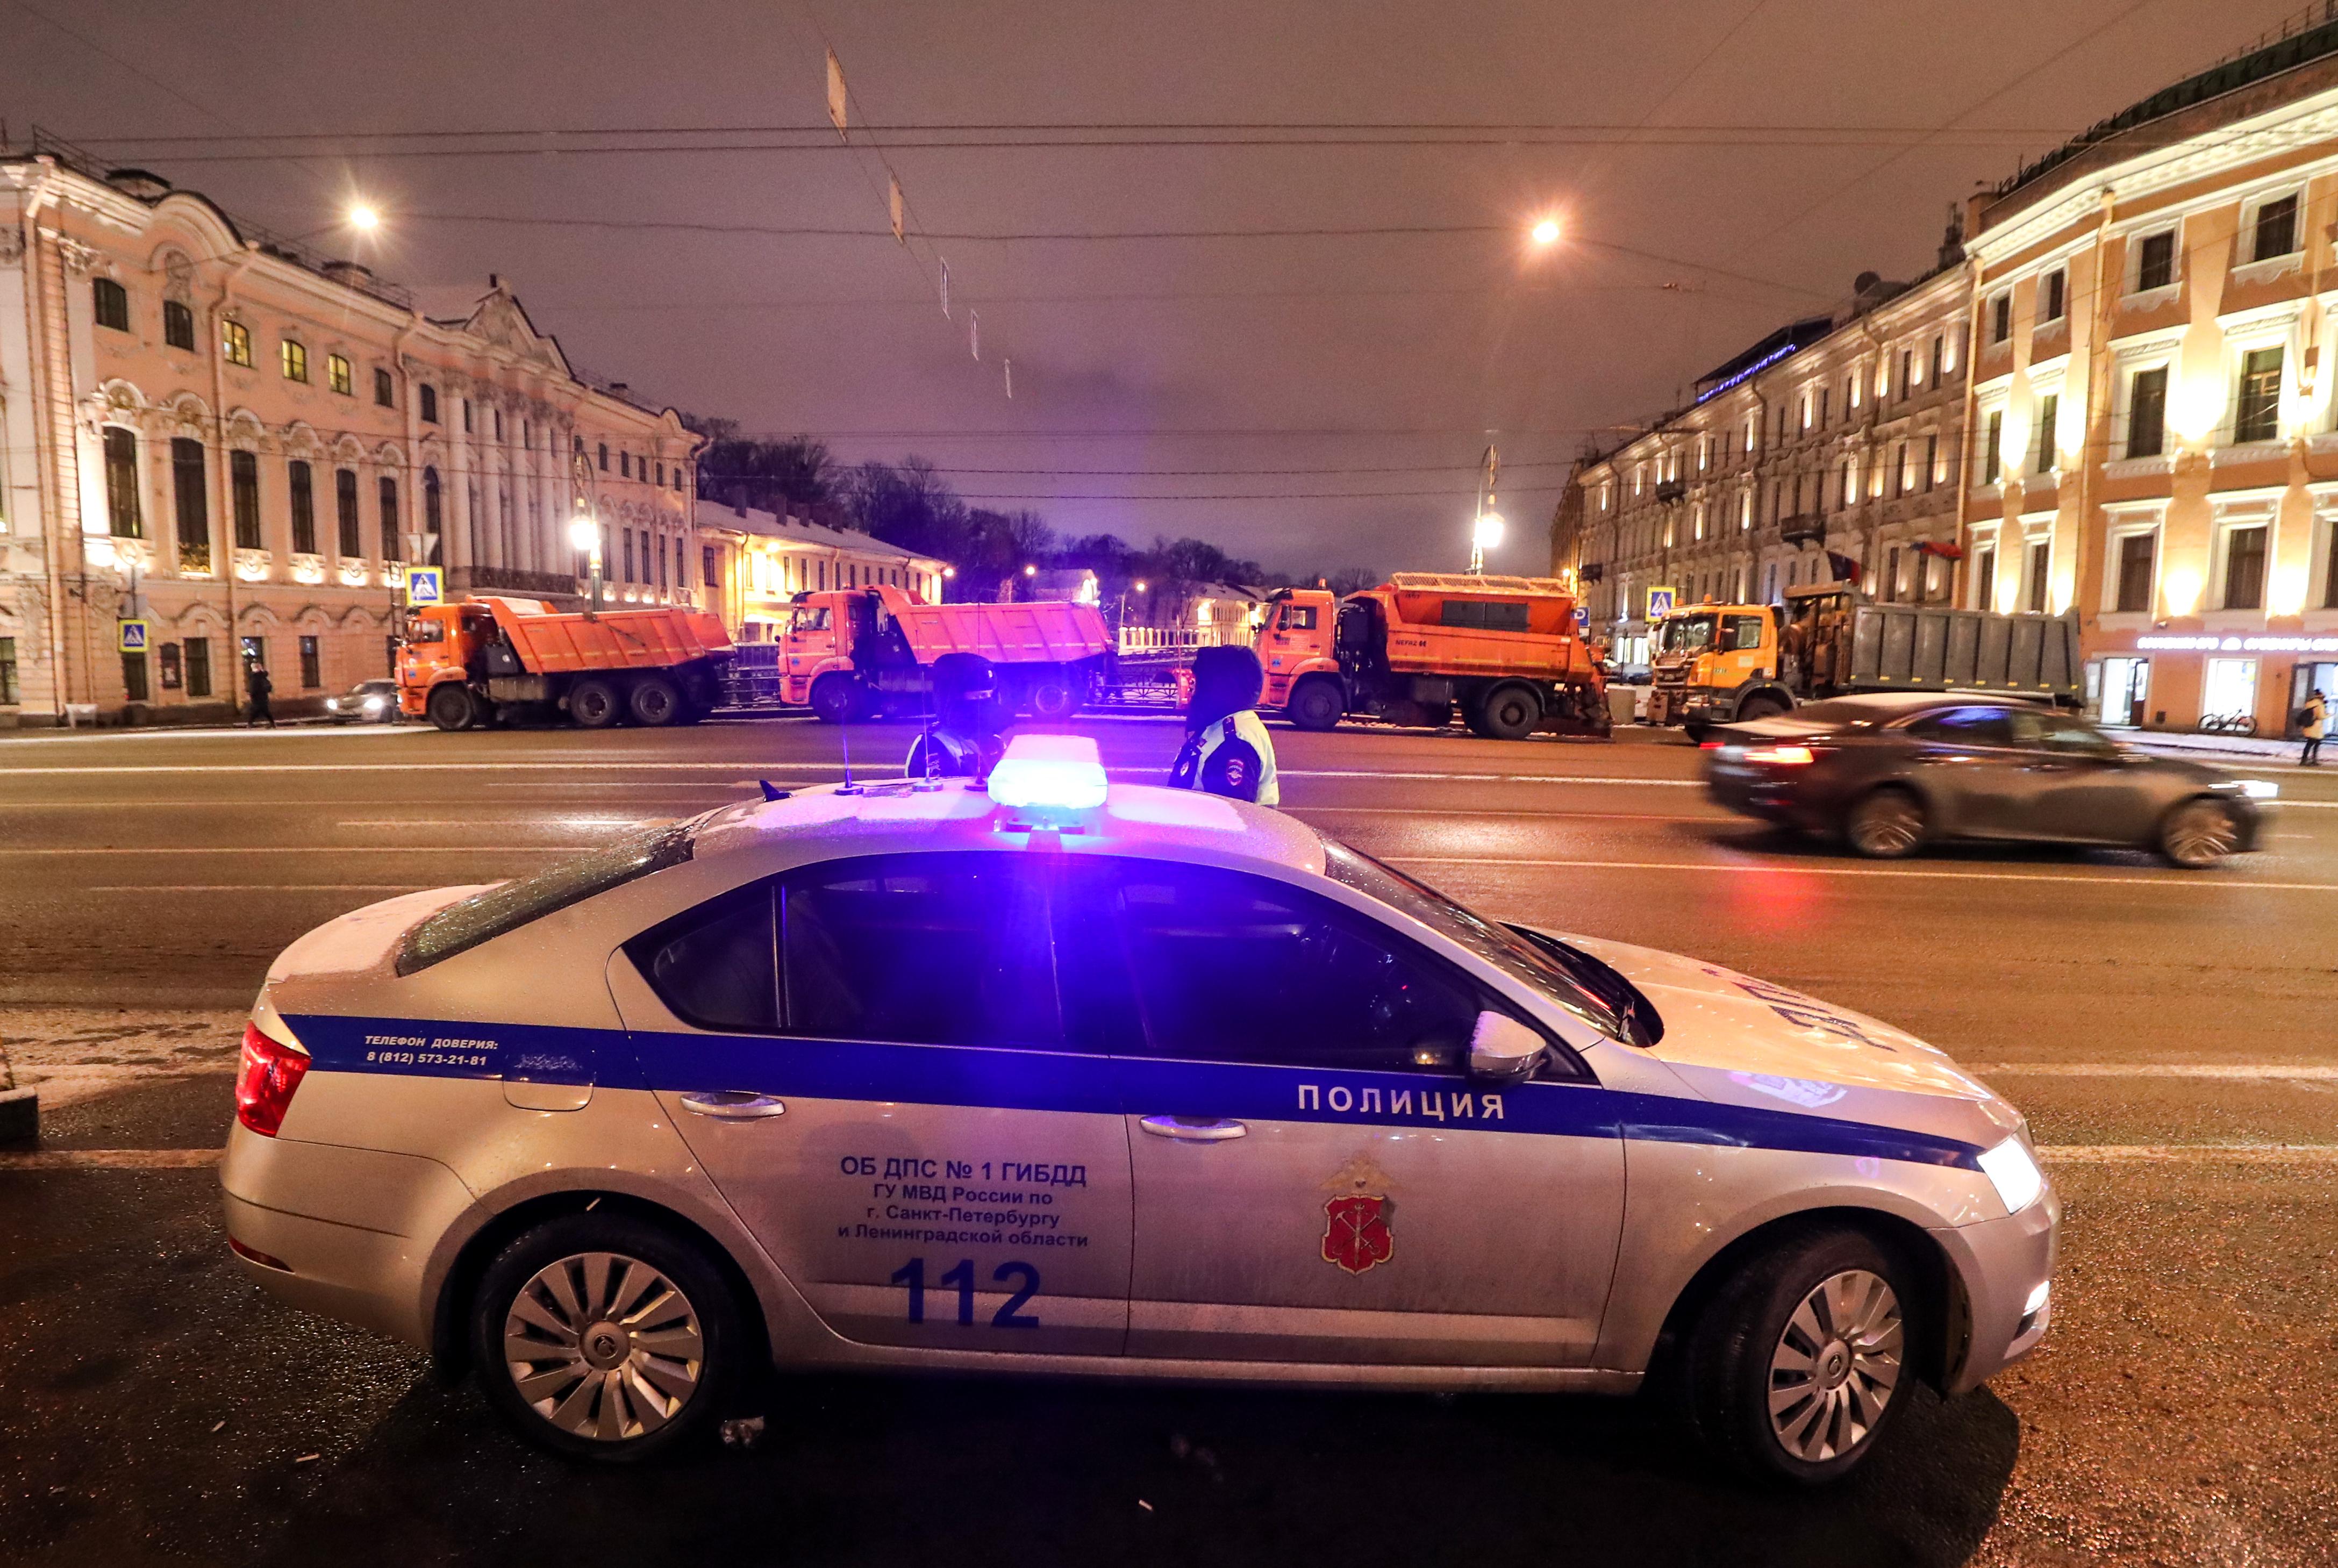 Родители не знали, что гость принёс пистолет: Лайф узнал детали происшествия на Кубани, где трёхлетний мальчик выстрелил себе в голову